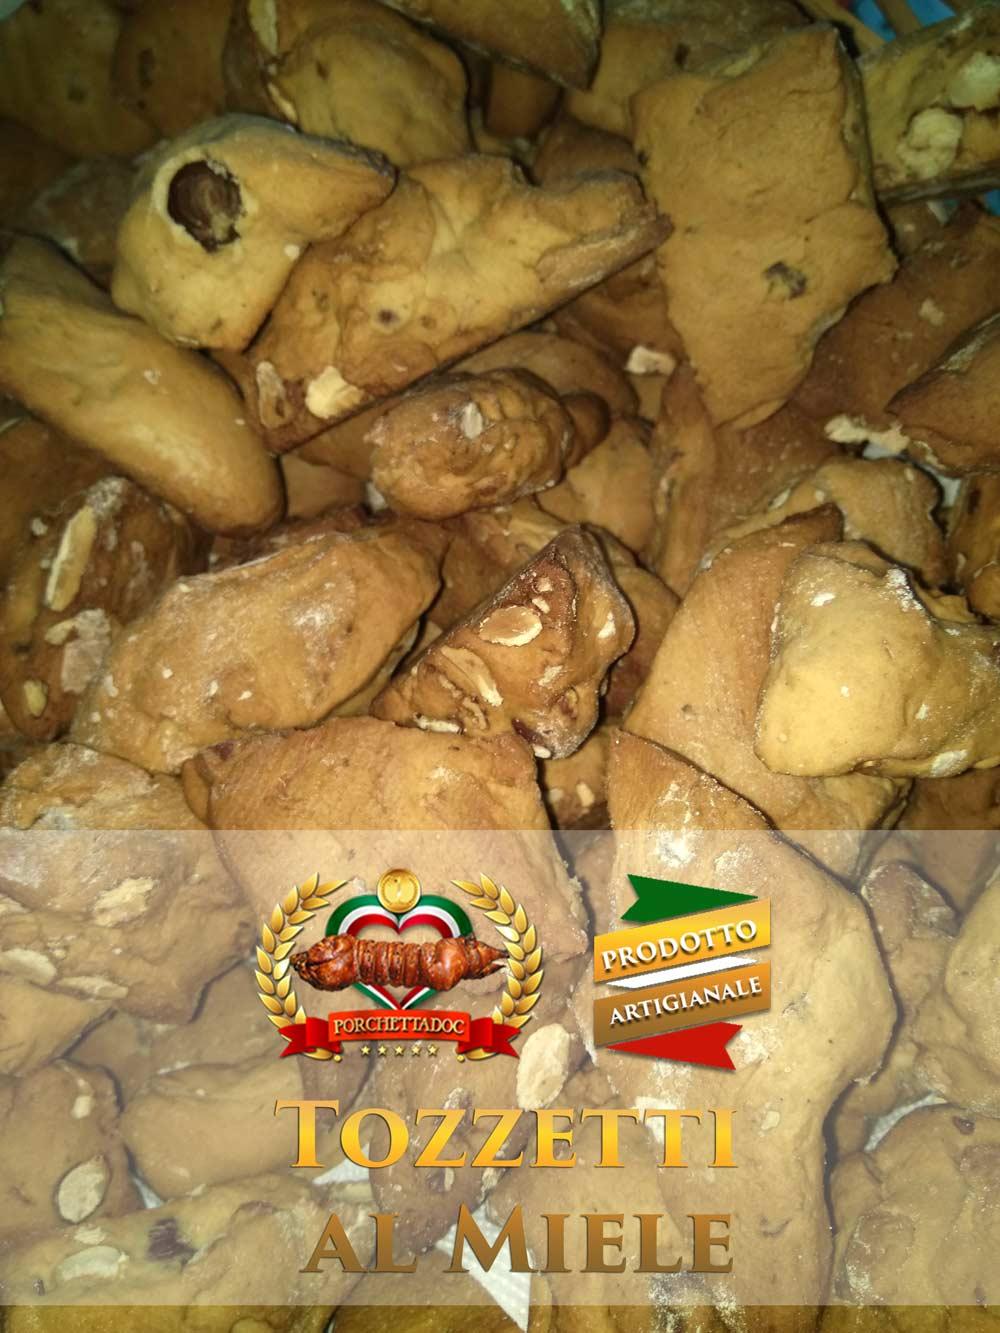 tozzetti-al-miele-artigianali-ariccia